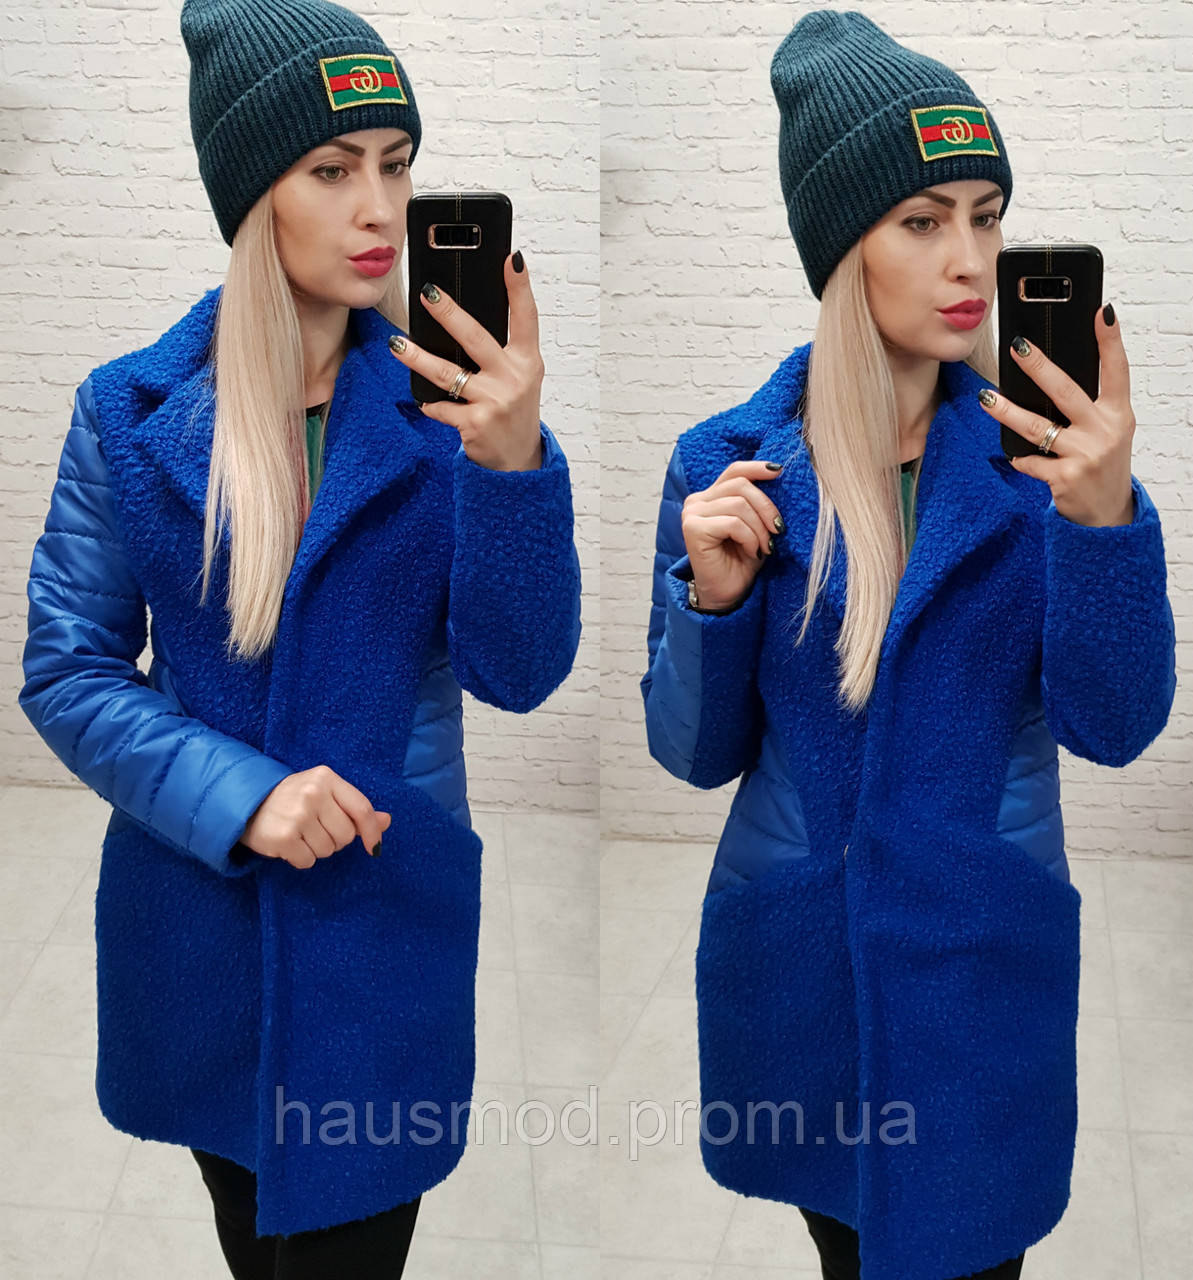 Женское пальто букле вставки плащевка синий электрик 42 44 46 48